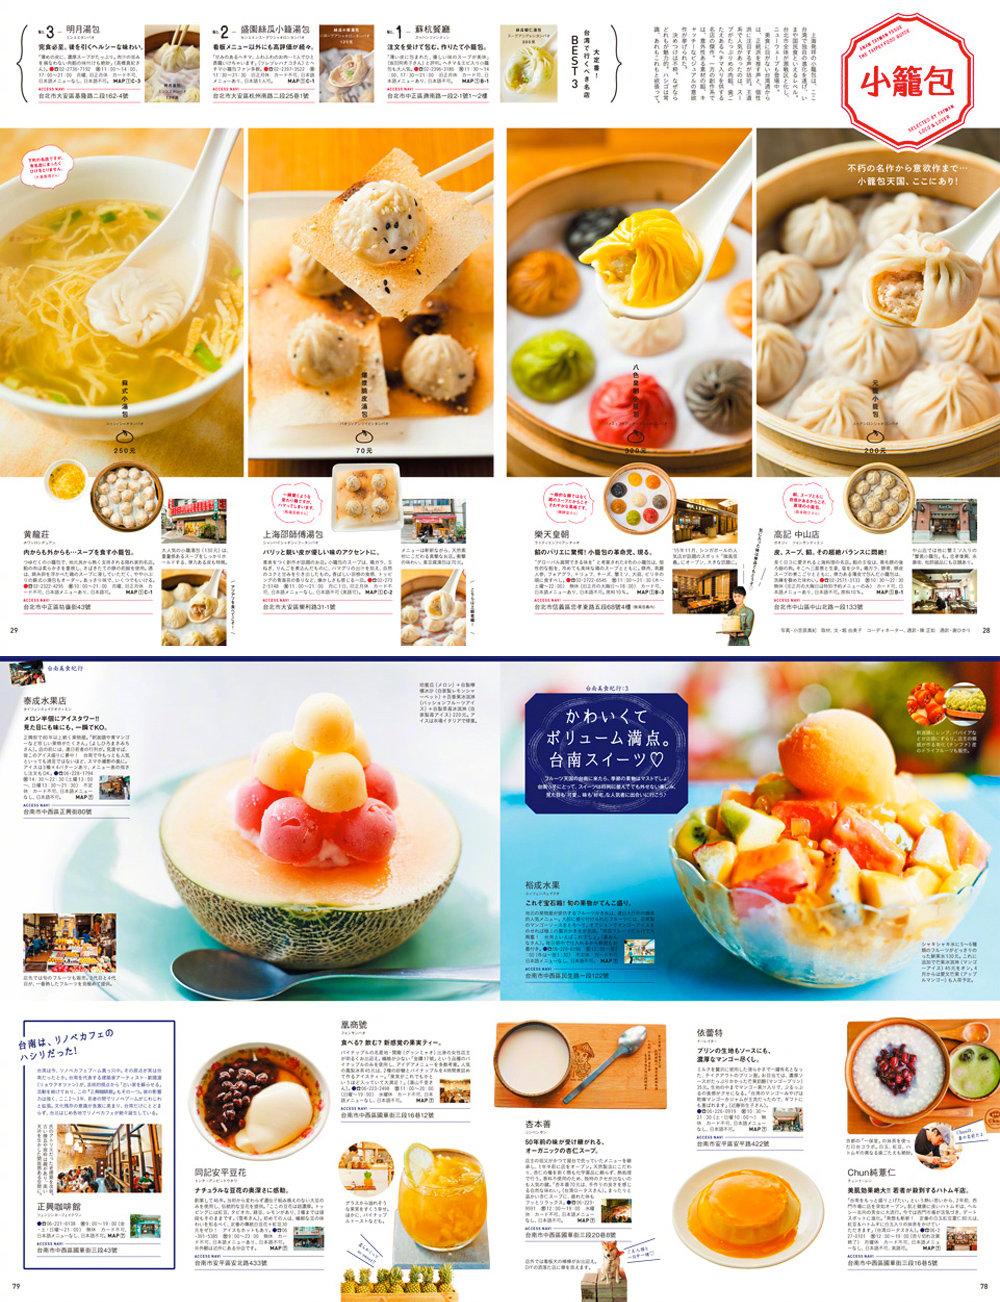 日本杂志内页版面设计